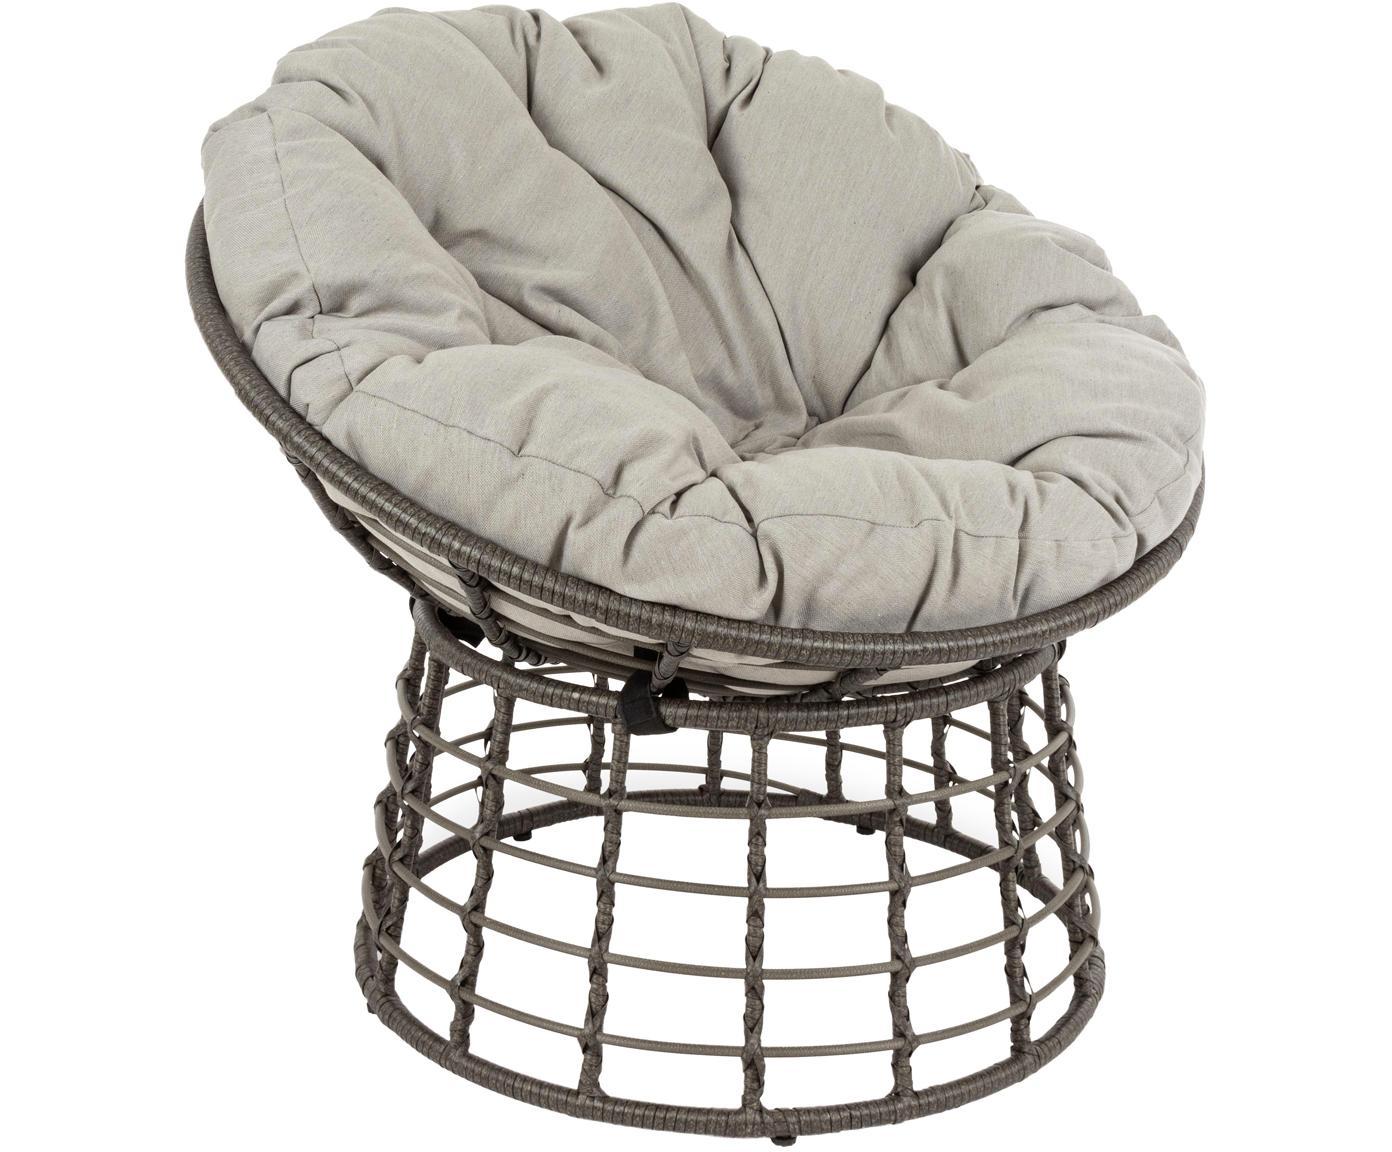 Fotel z tworzywa sztucznego z poduszką na siedzisko Molly, Stelaż: stal malowana proszkowo, Tapicerka: poliester, Szary, jasny szary, Ø 92 x W 78 cm